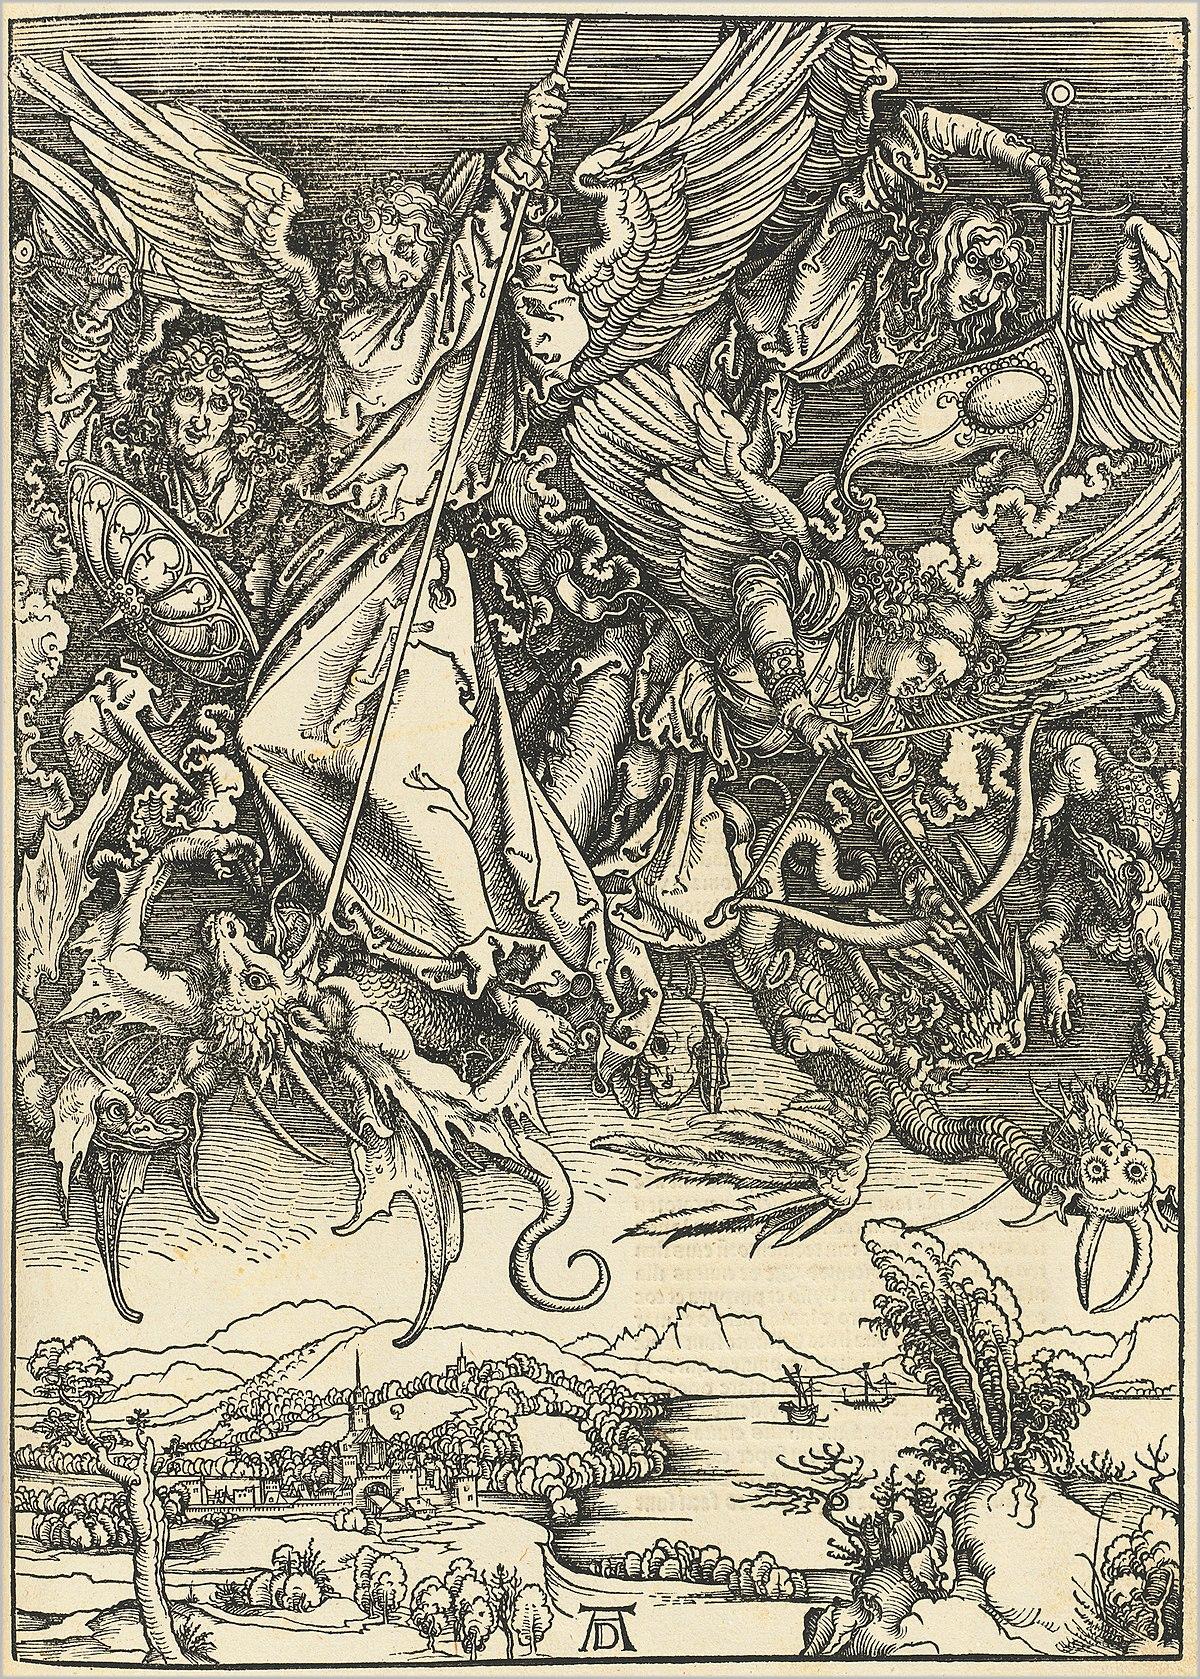 Albrecht_Dürer_-_Saint_Michael_Fighting_the_Dragon